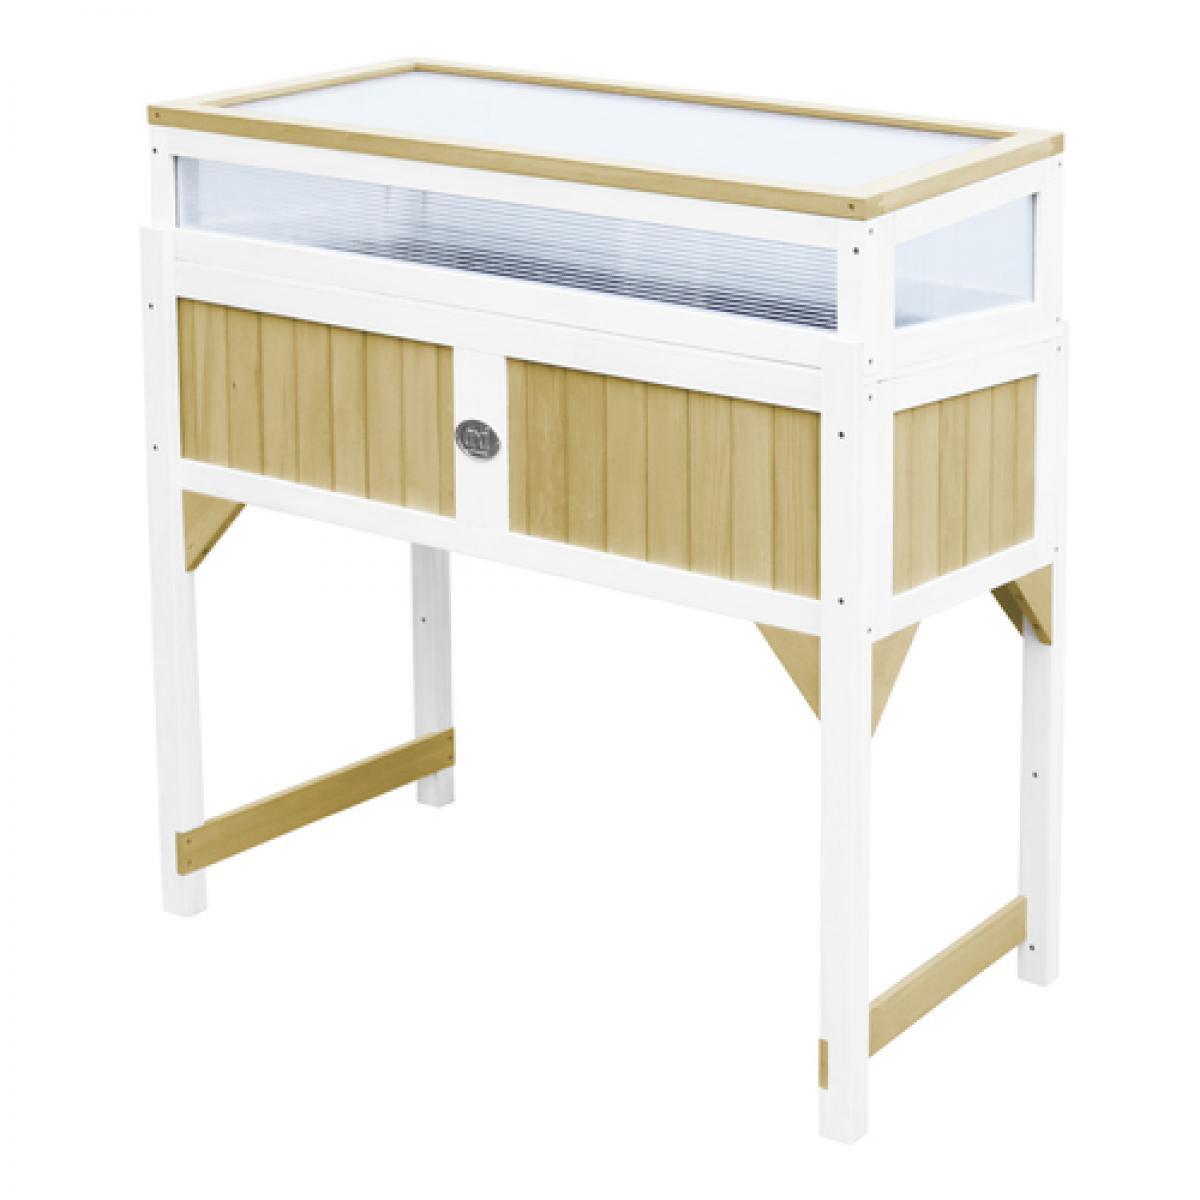 Axi House AXI Table de jardinage interieur et exterieur Polycarbonate Bois Marron Blanc